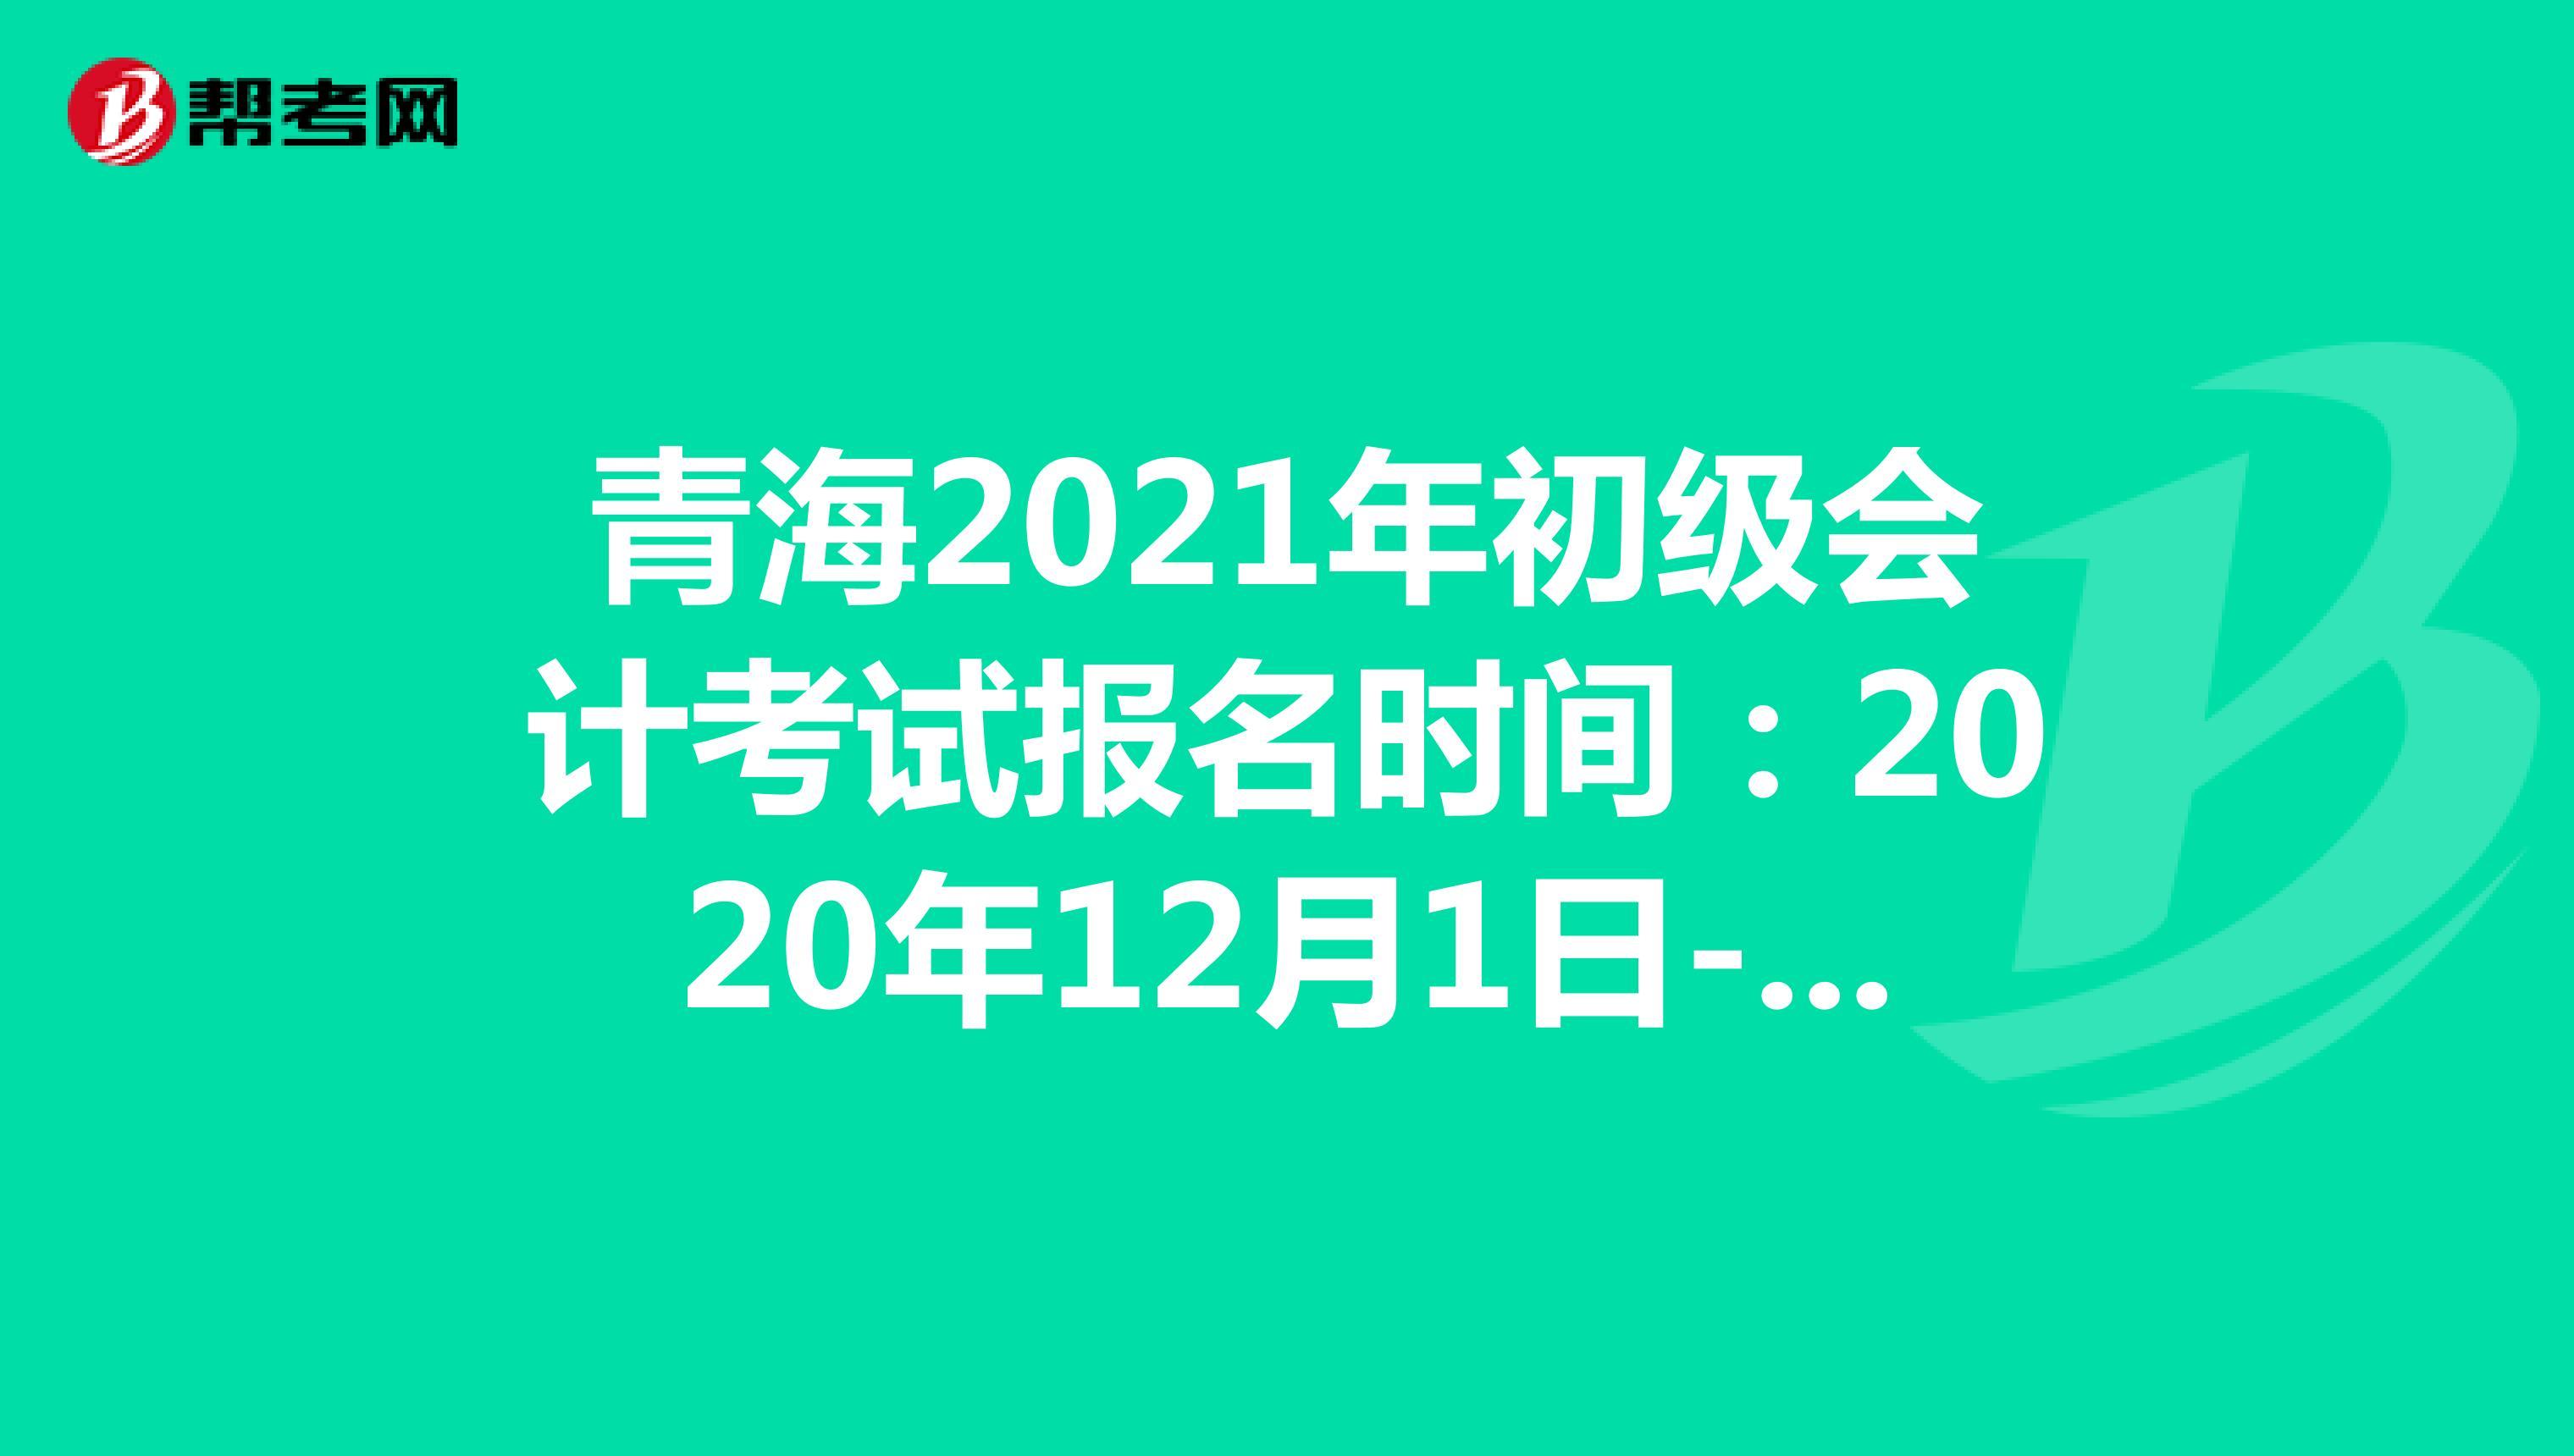 青海2021年初级会计考试报名时间:2020年12月1日-12月25日